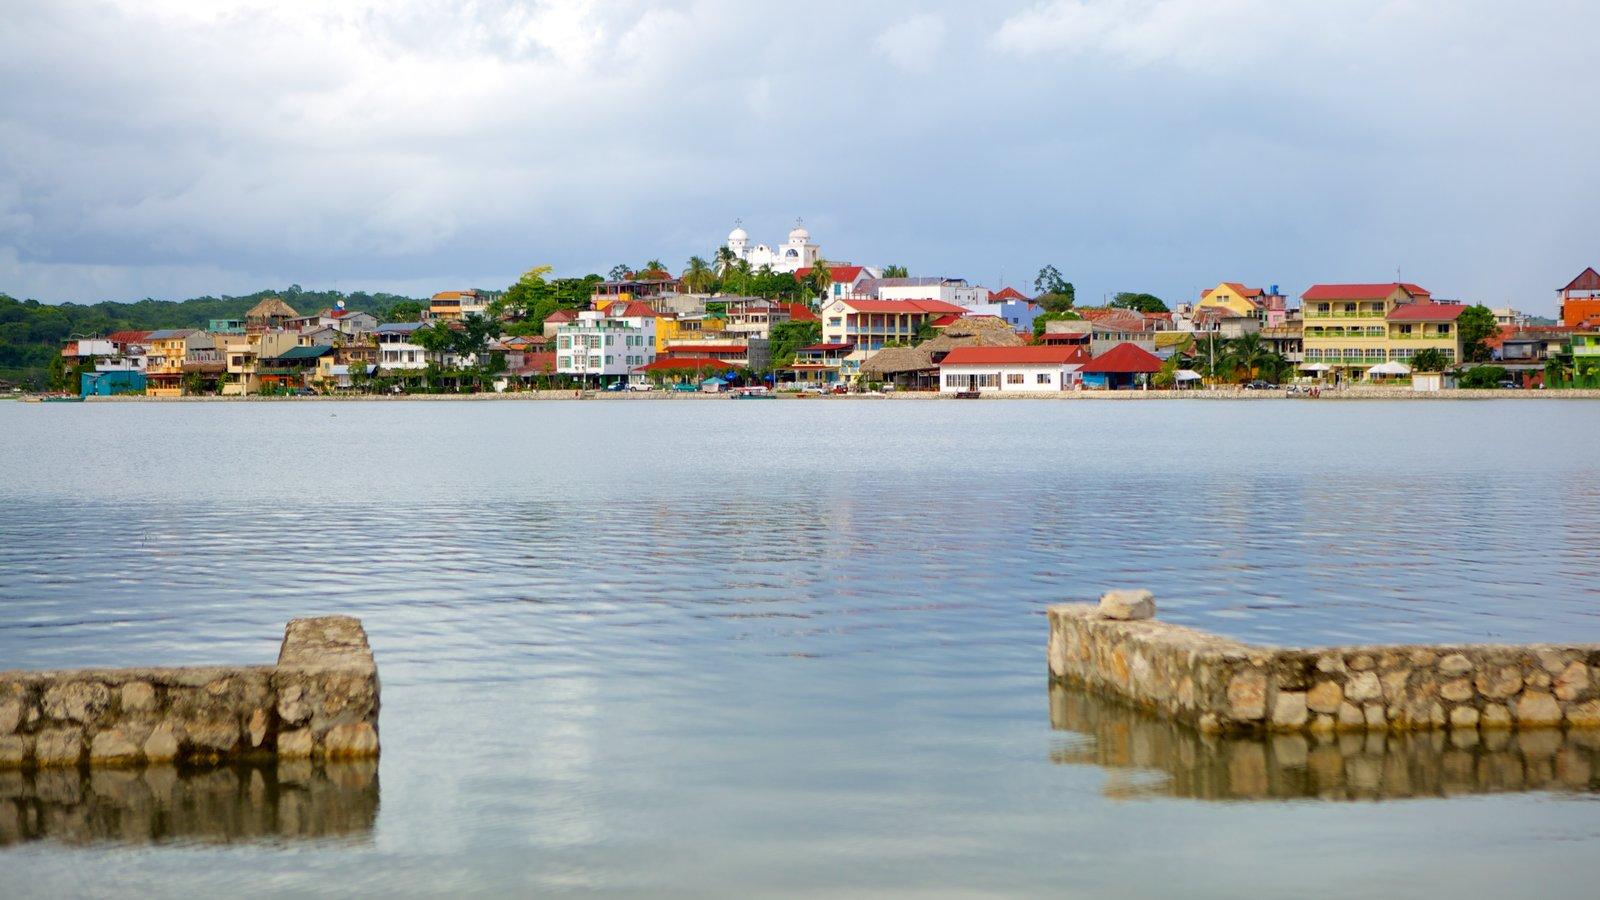 Flores ofreciendo una casa, una ciudad costera y vistas generales de la costa